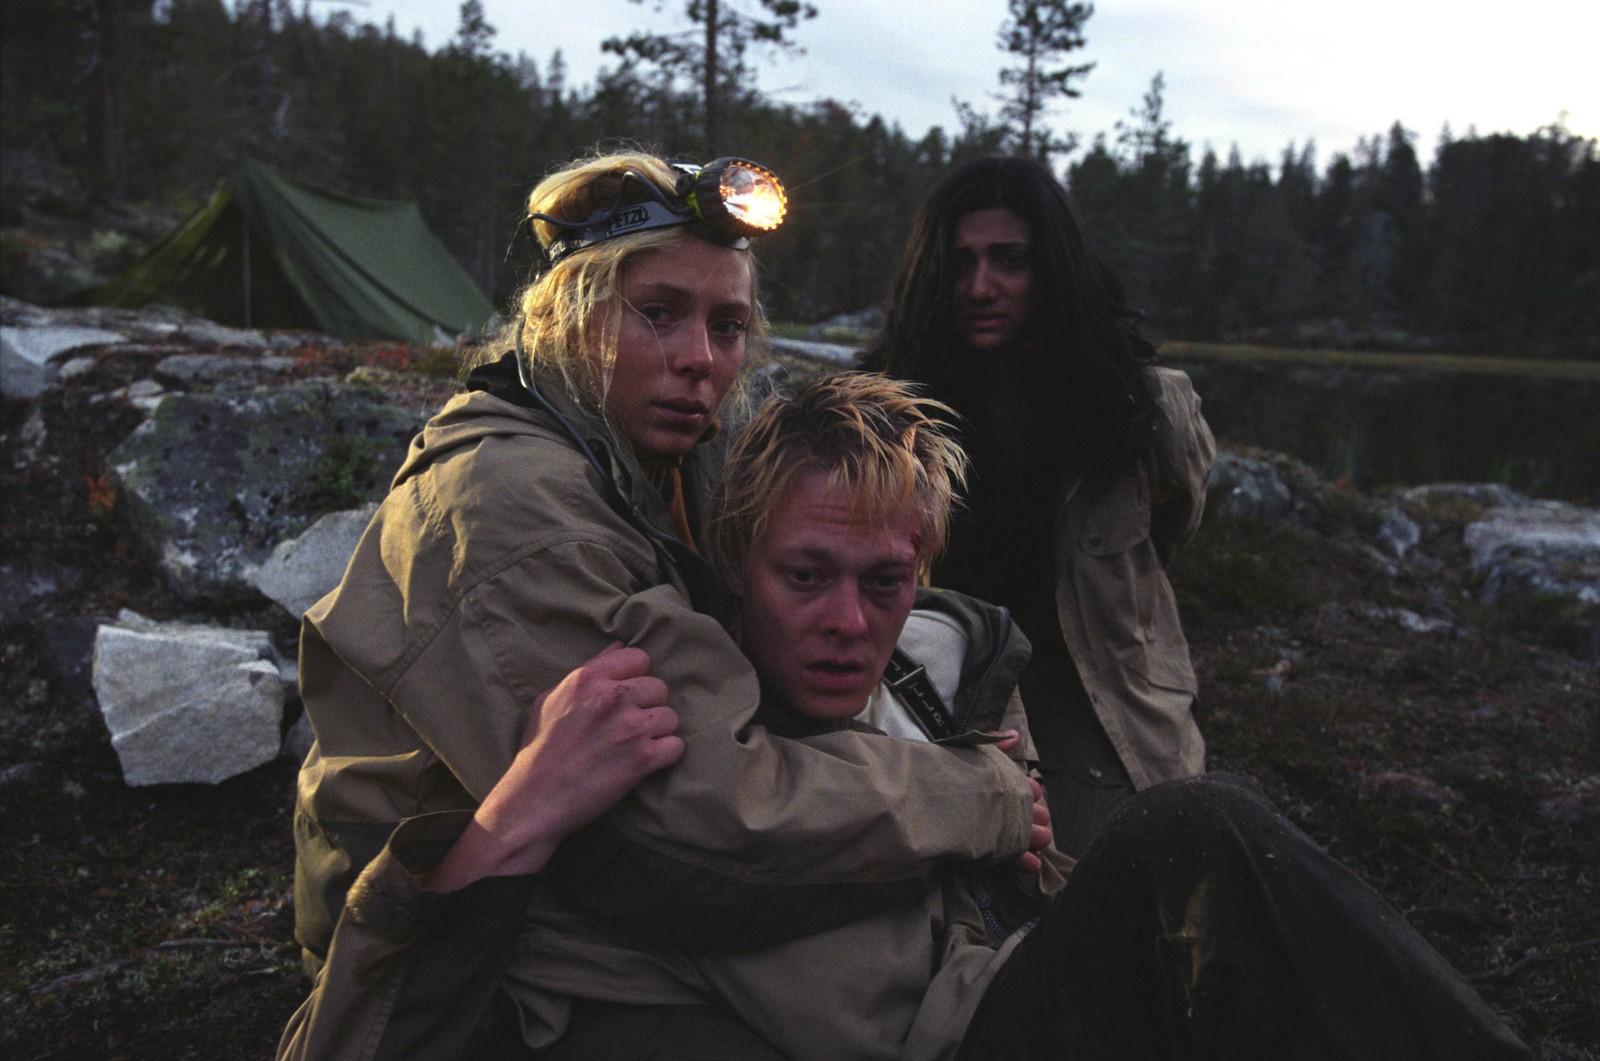 Elin (Eva Röse), Lasse (Kristoffer Joner) og Sara (Sam Sharma) fra  Villmark. Norsk skrekk fra 2003. Regissert av Pål Øie.